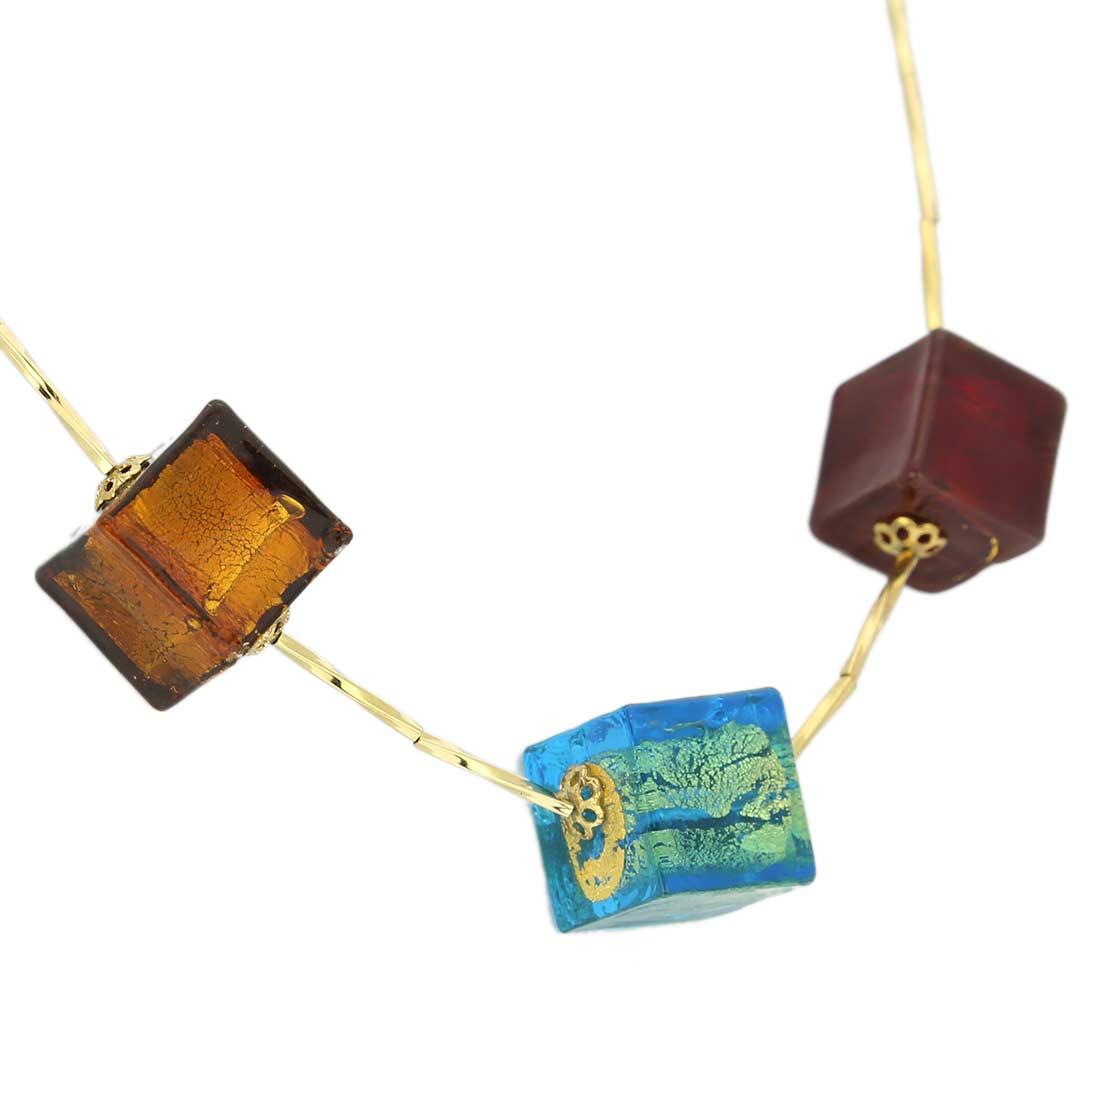 ベネチアングラス(ムラノガラス) ネックレス スリーキューブ ゴールドリーフ